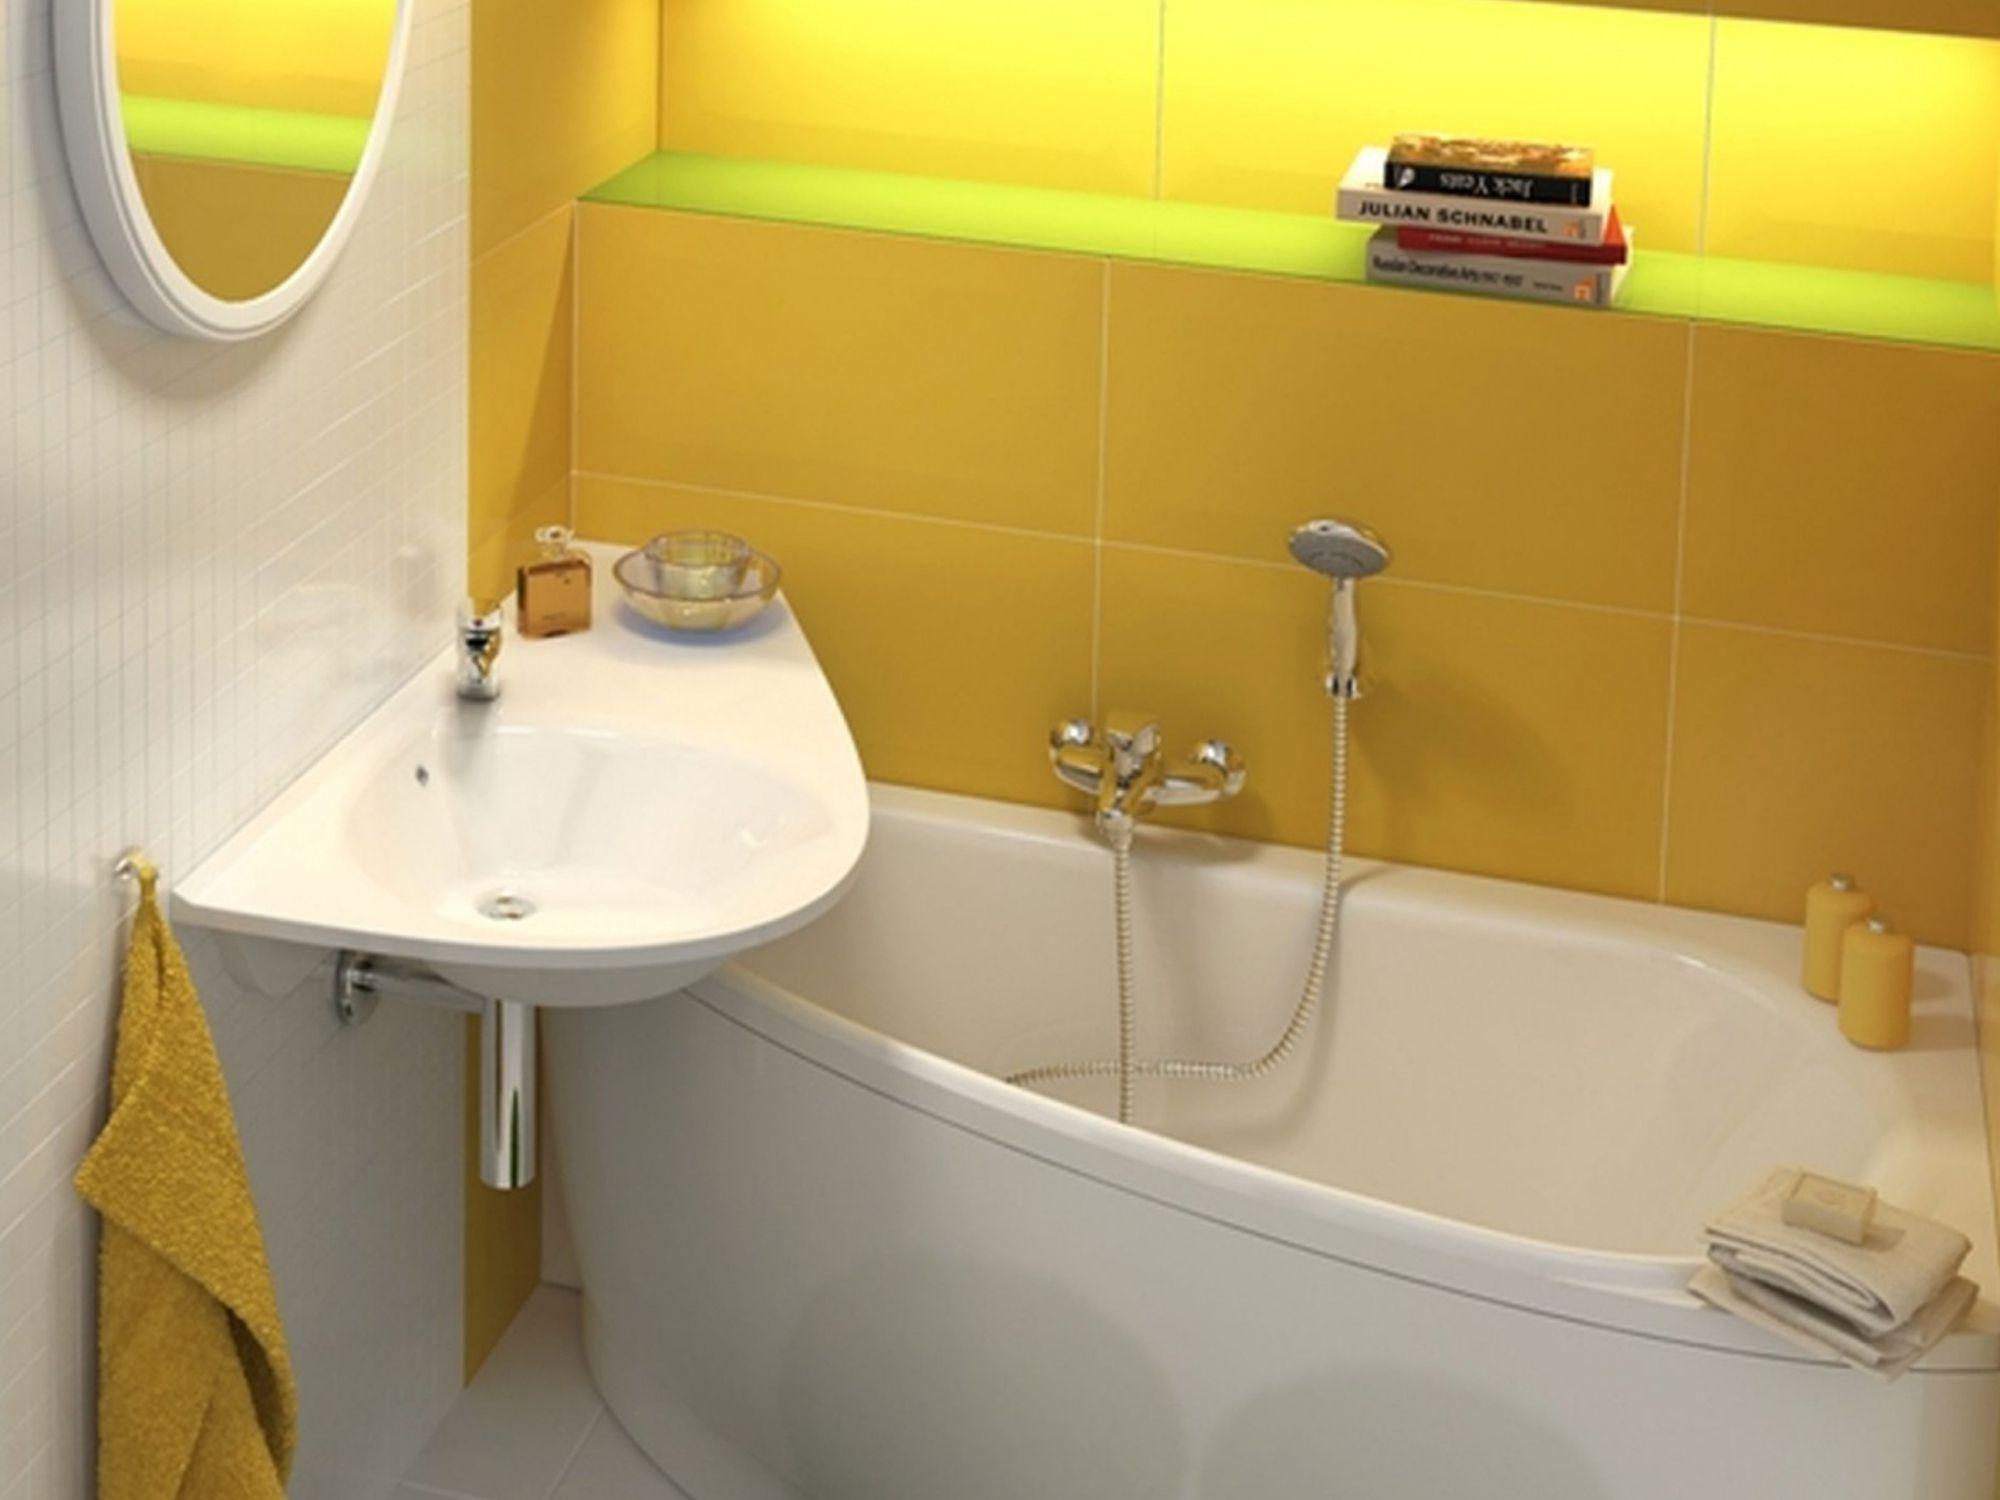 Bañera para espacios reducidos Ravak Avocado